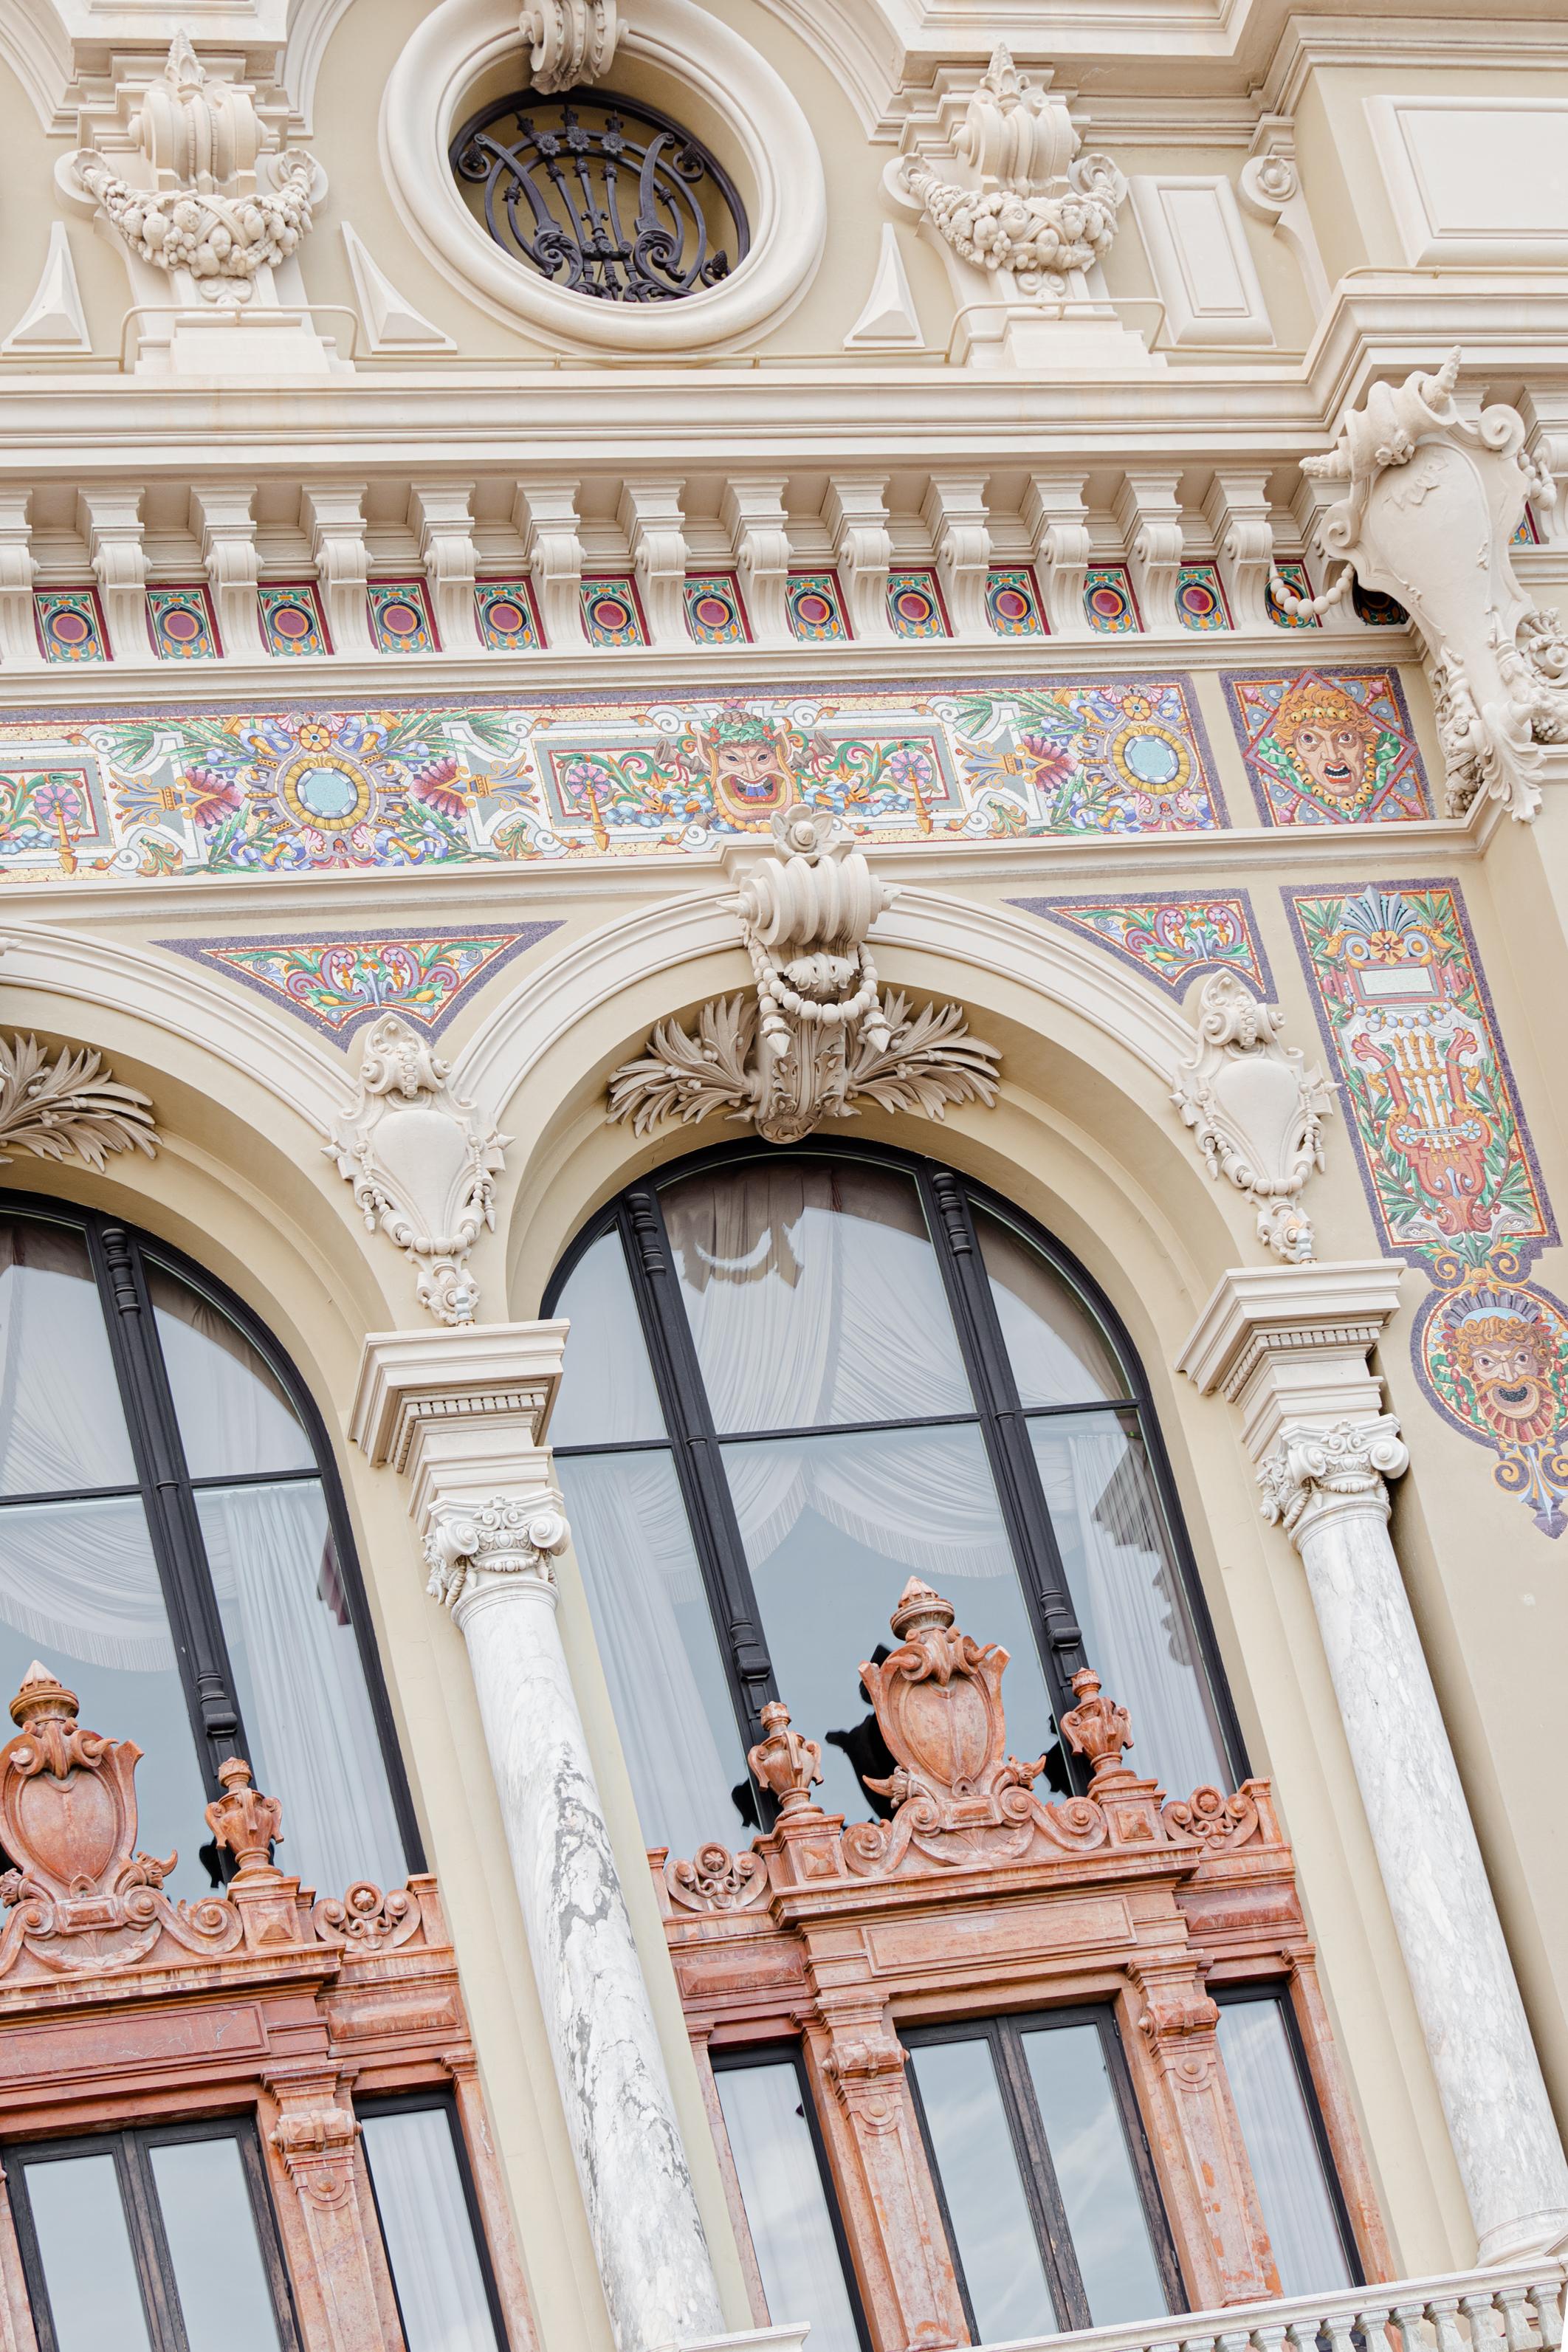 Monaco-1050260.jpg